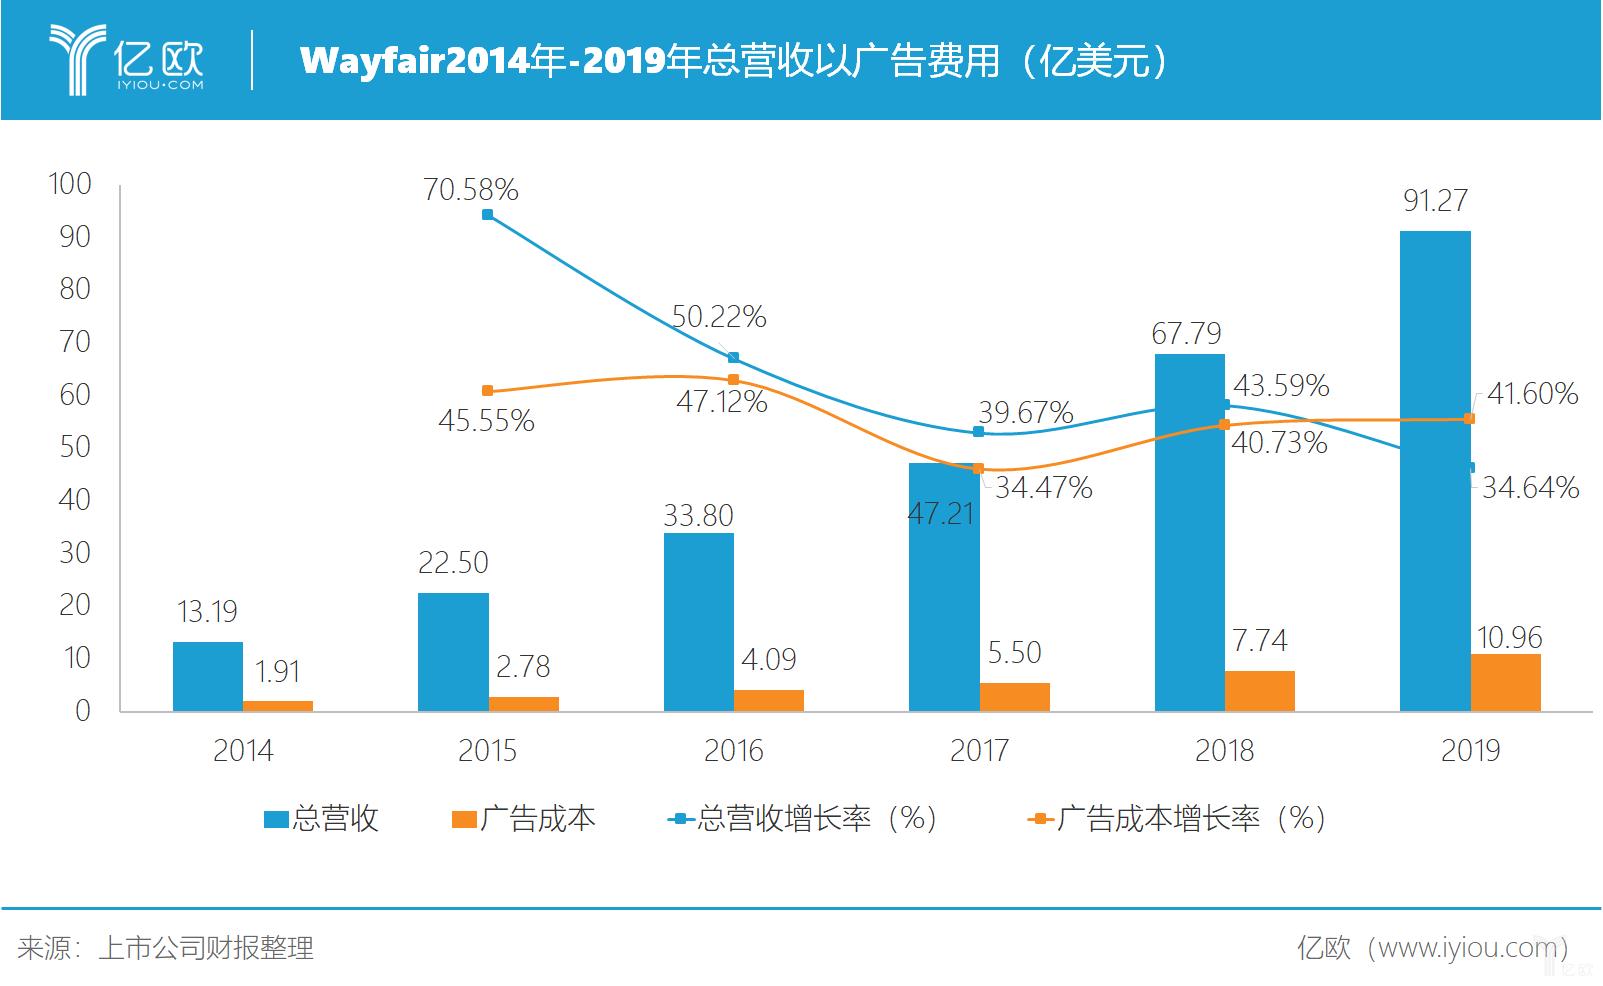 wayfair2014年-2019年广告费用情况.png